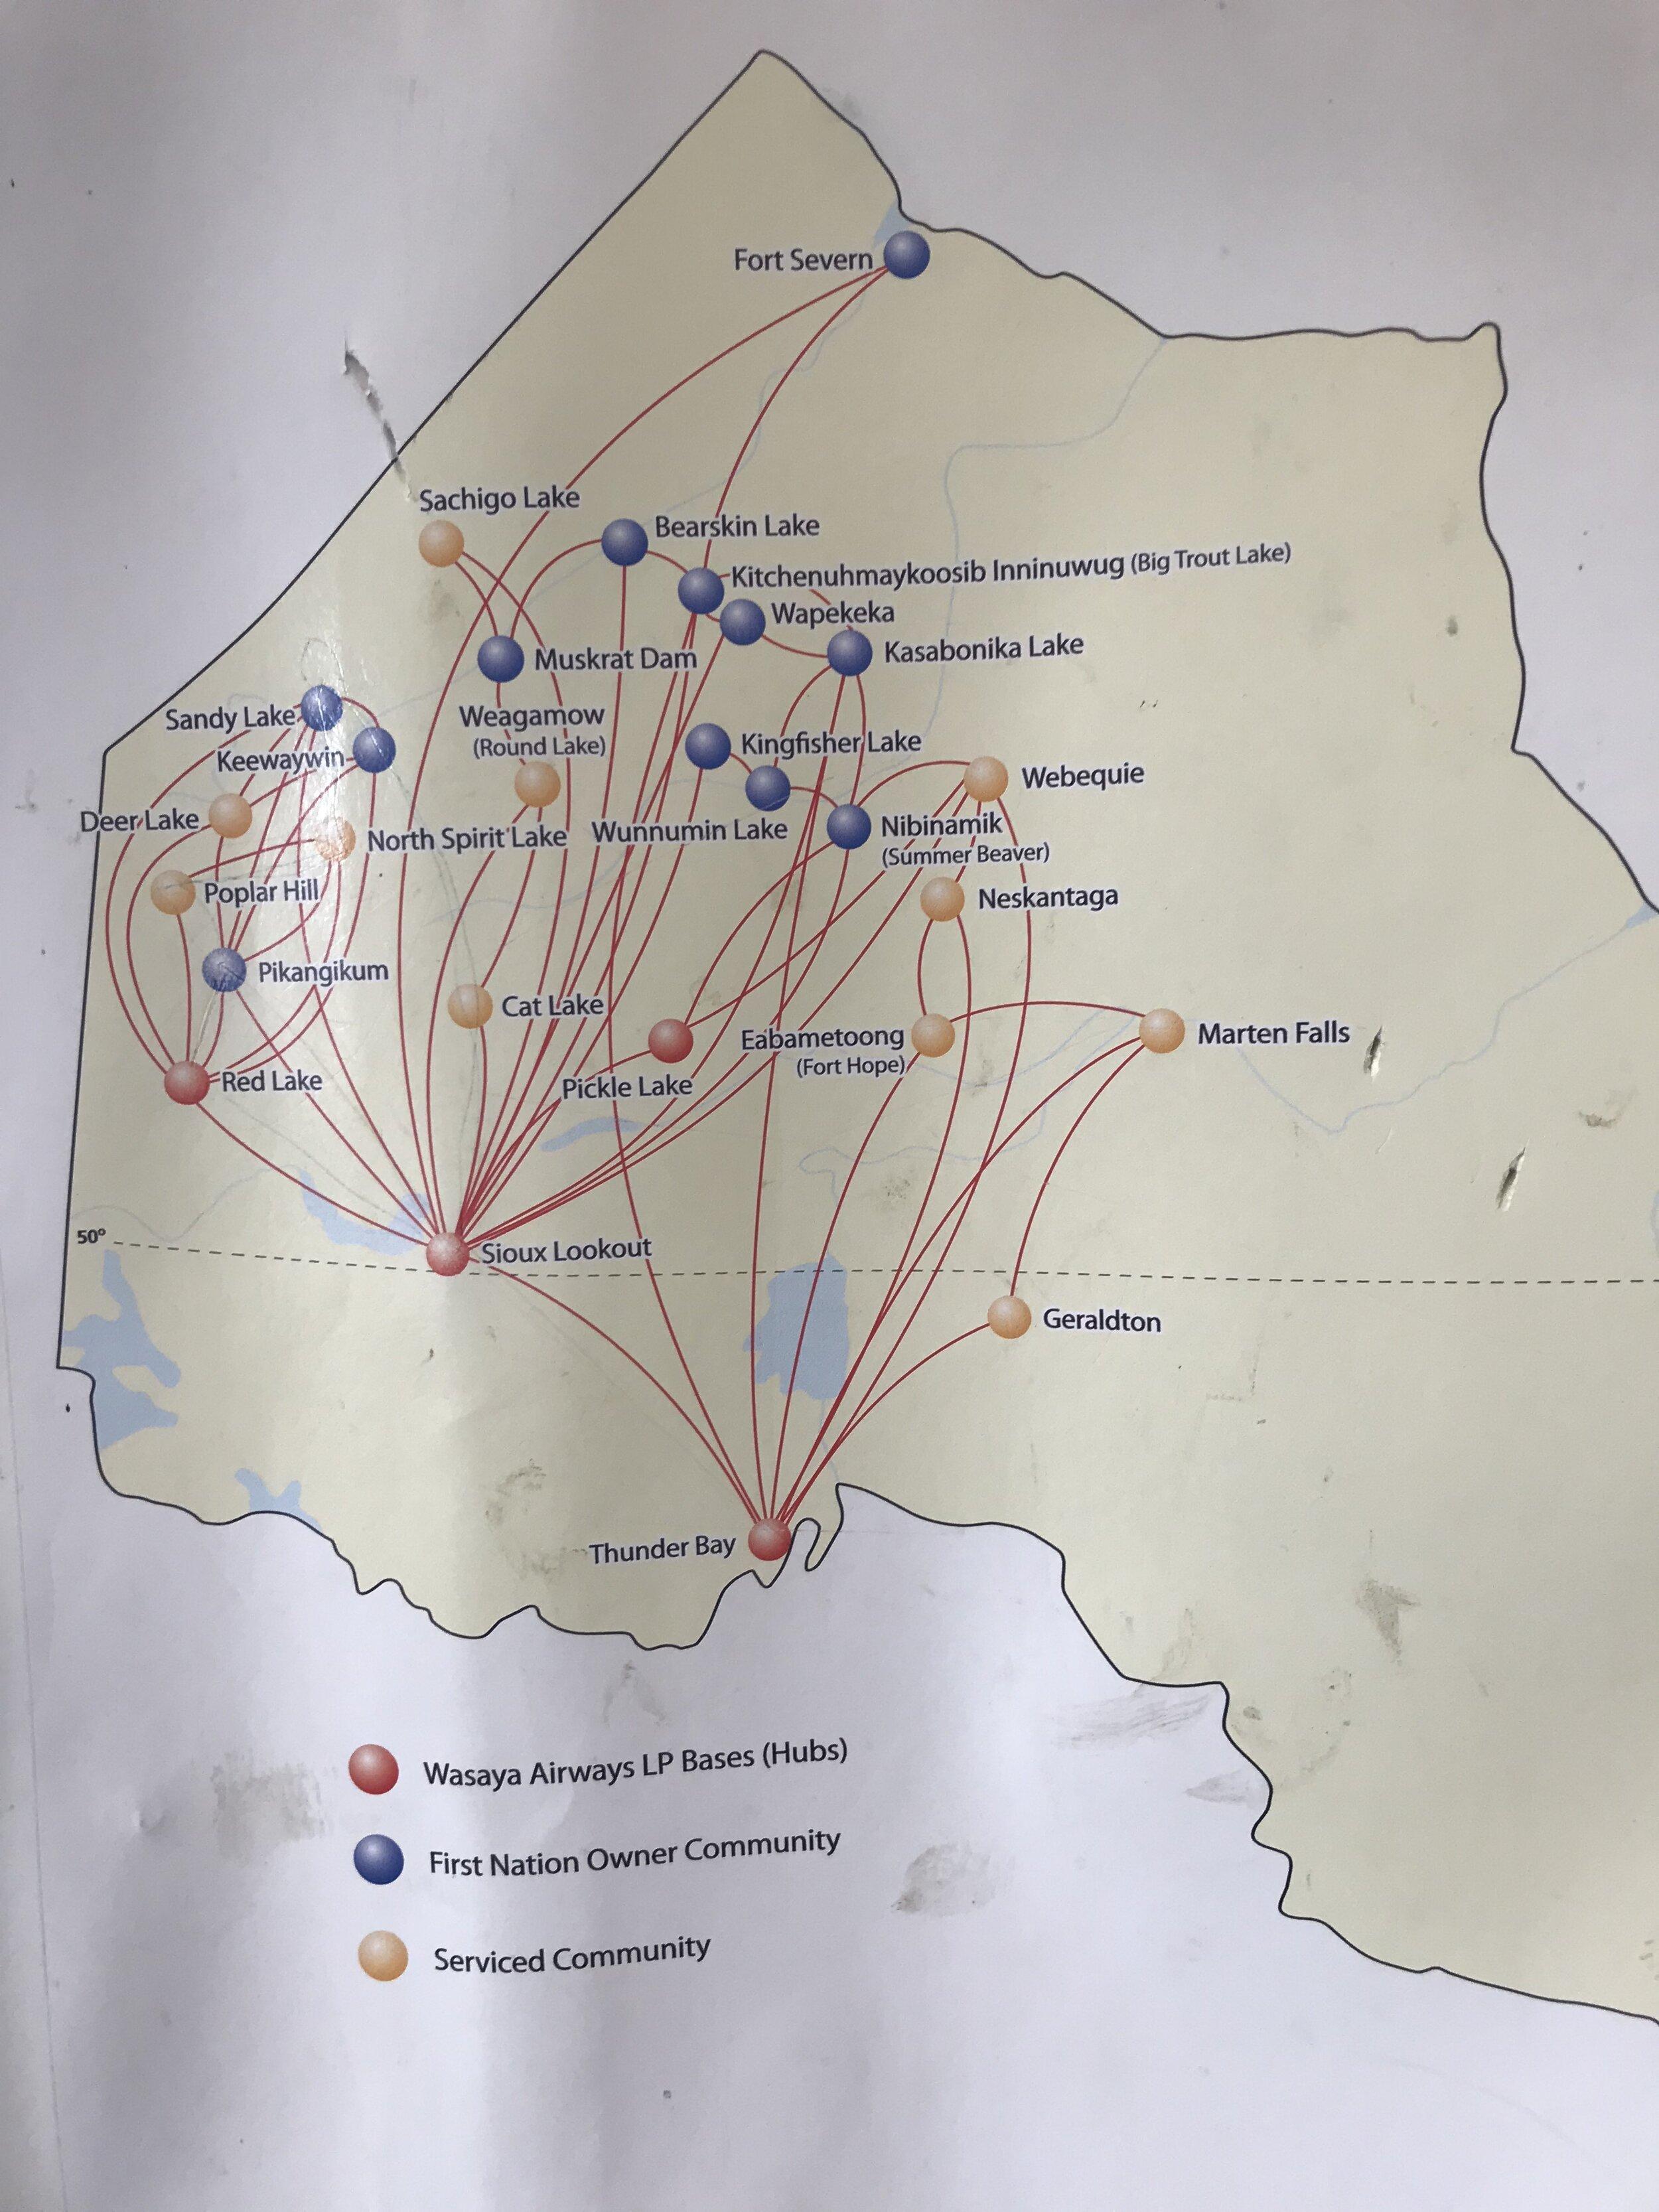 Wasaya flight paths…shows location of Wapekeka